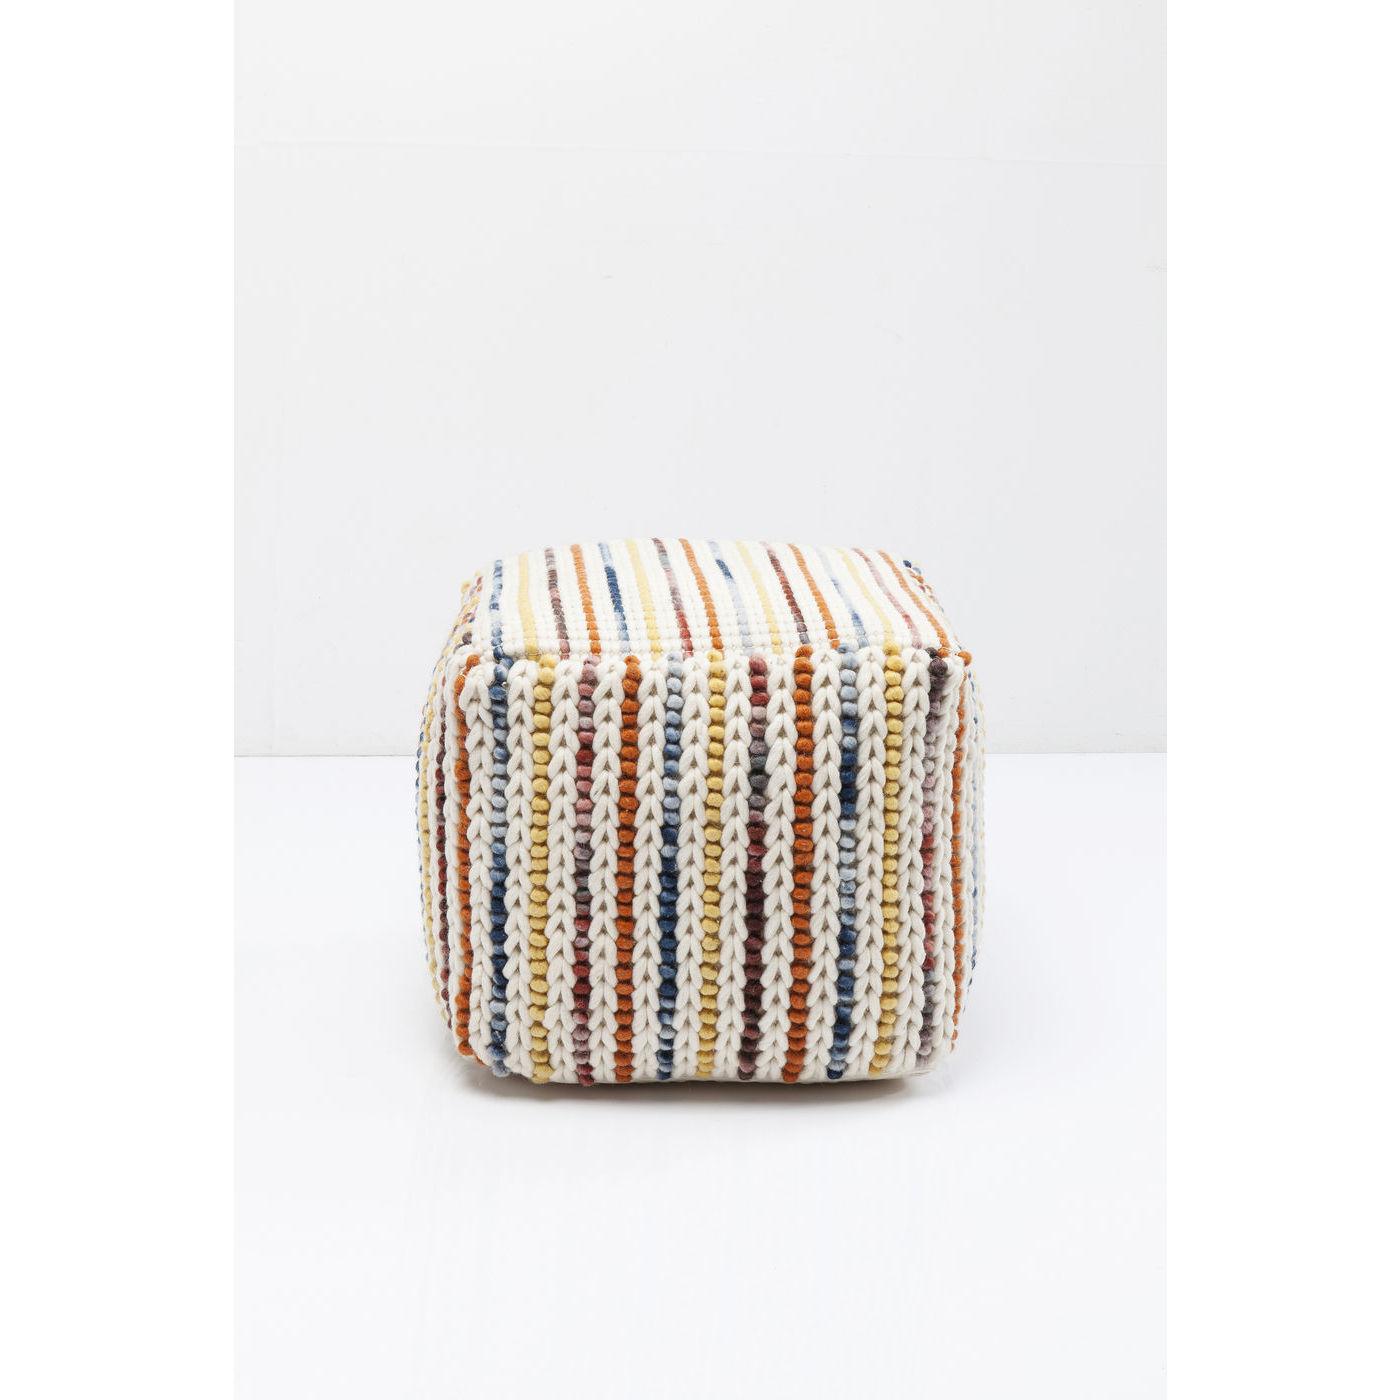 Image of   KARE DESIGN Breeze puf - multifarvet stof, håndlavet, kvadratisk